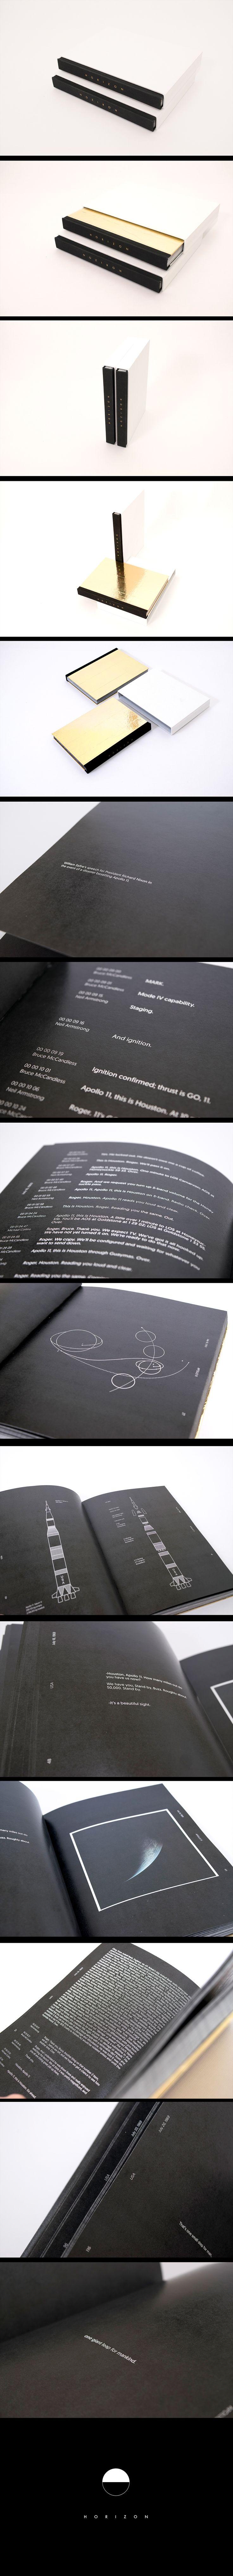 Horizon, un proyecto sobre el viaje más emocionante de la histoira.Un libro que reune las conversaciones entre módulo de mando y el centro de control en Houston.